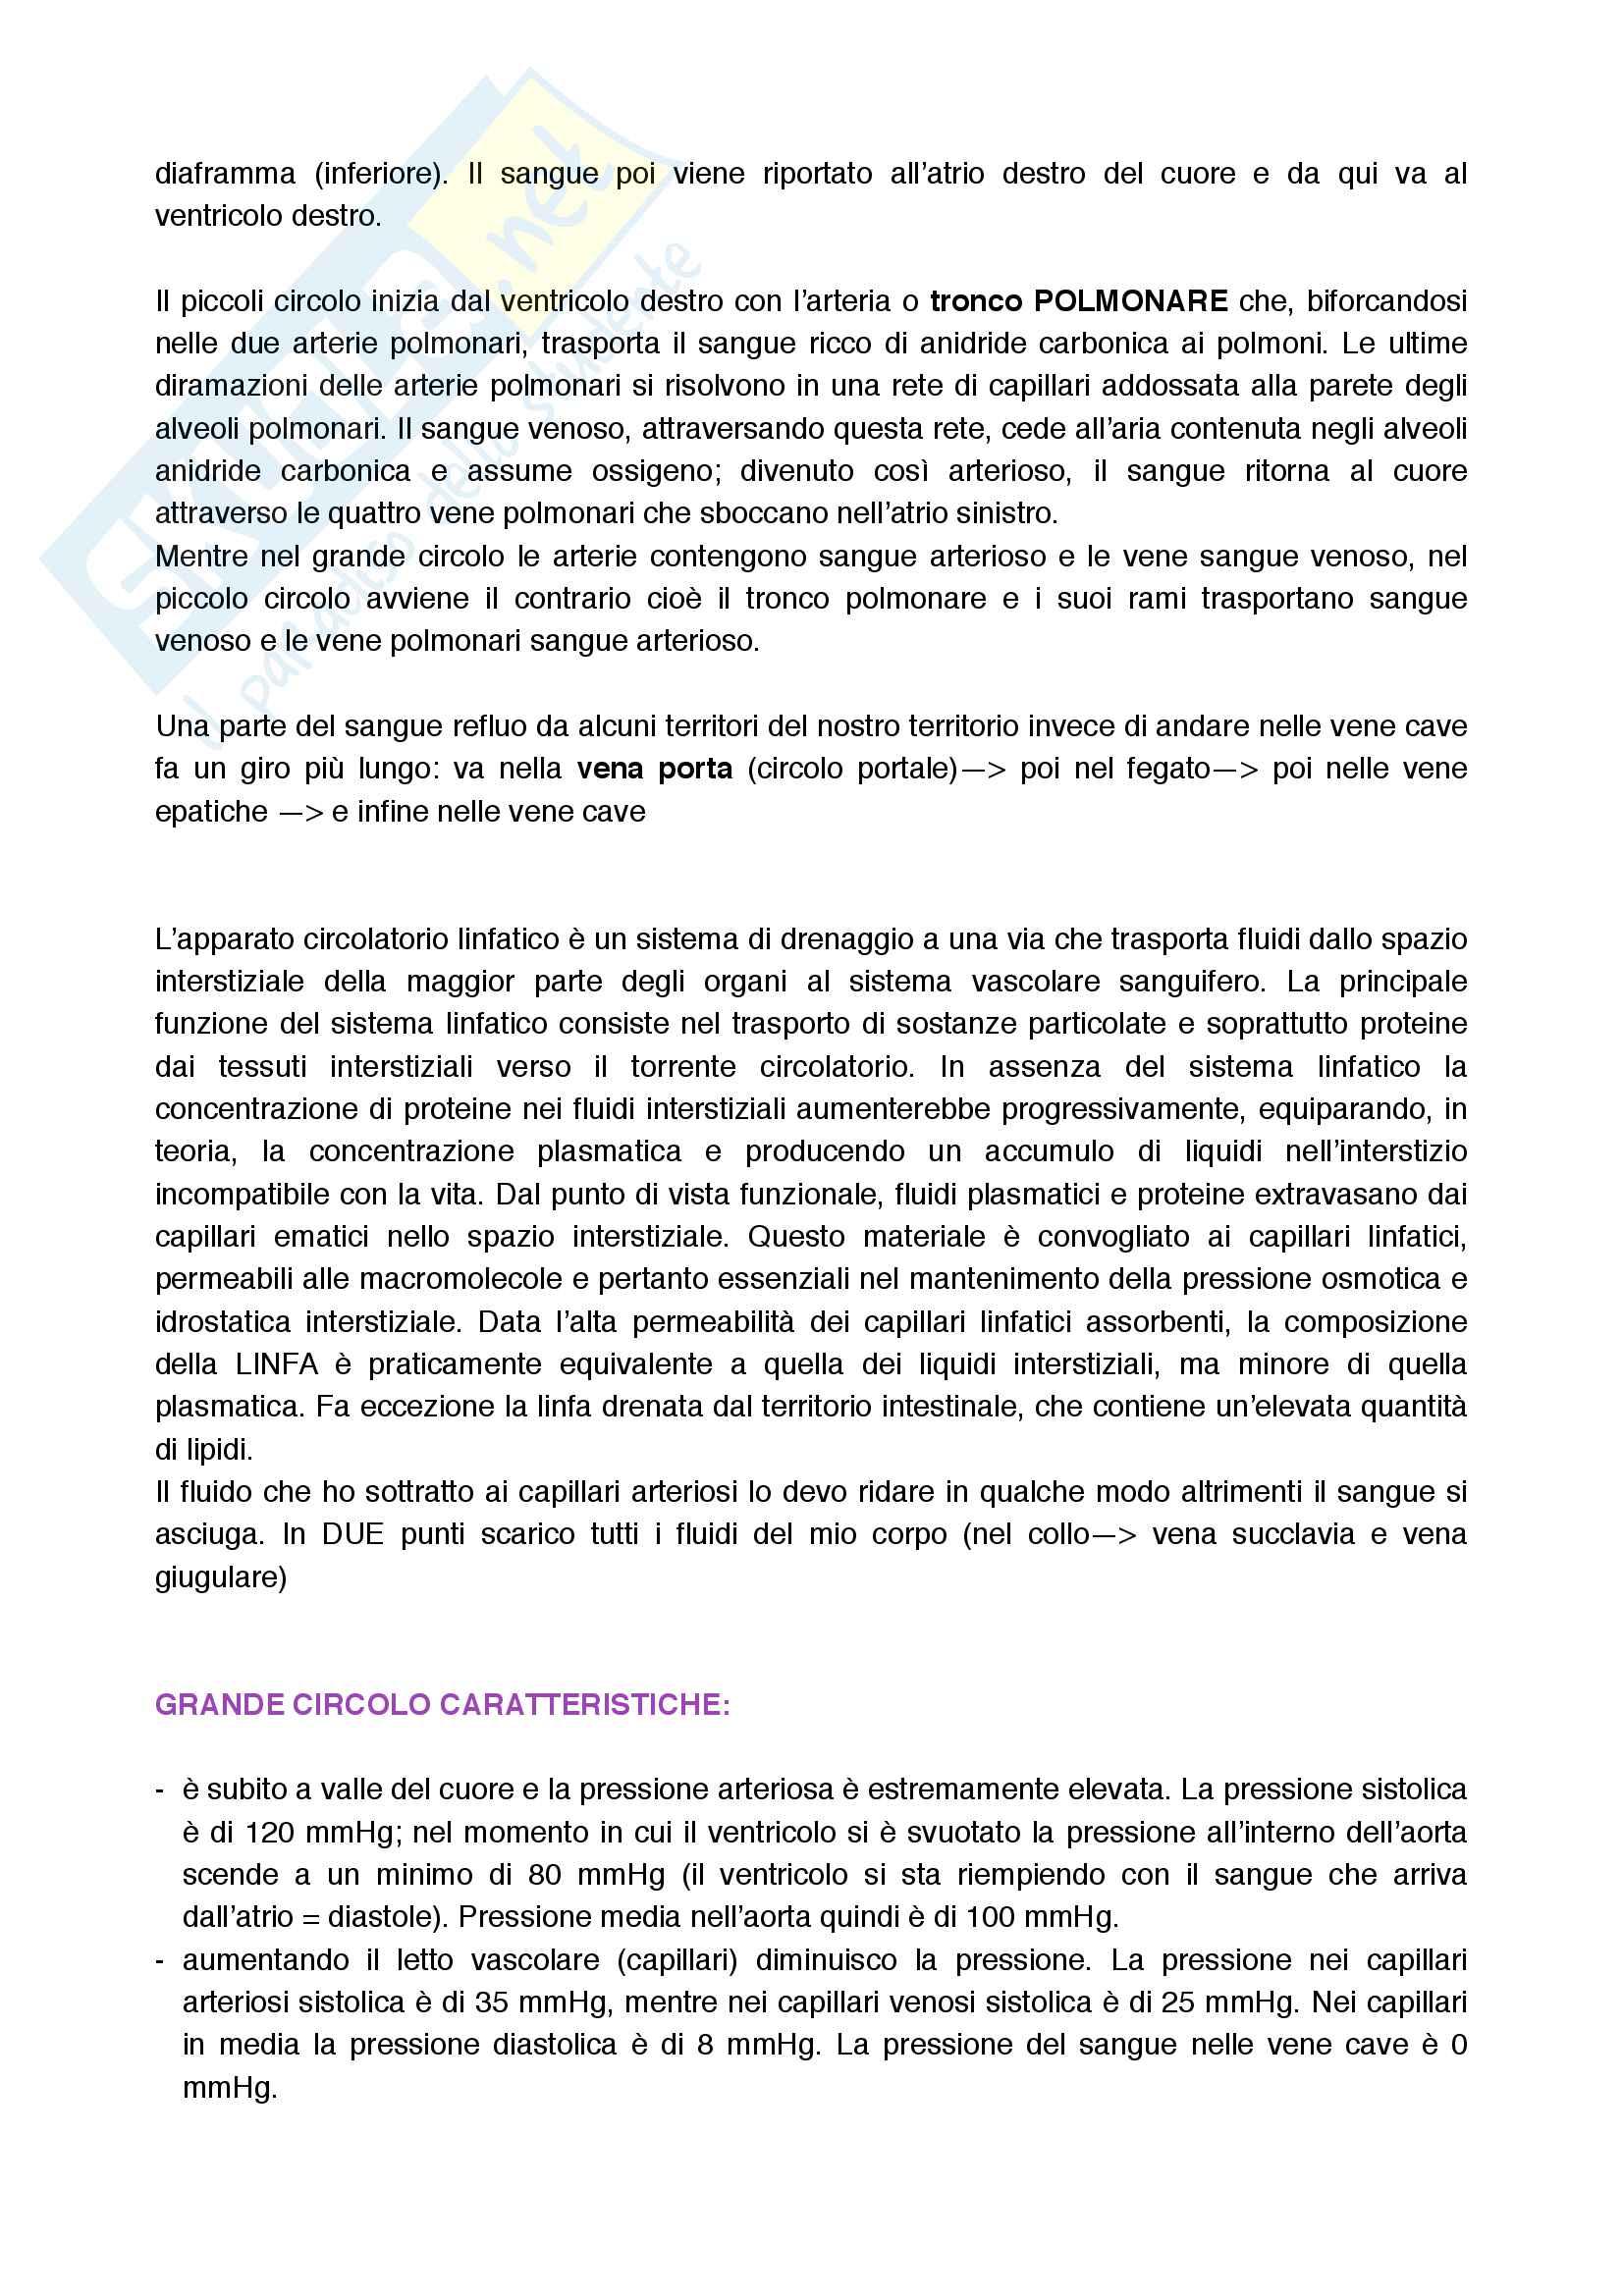 Cuore, sistema di conduzione e sua circolazione Pag. 2